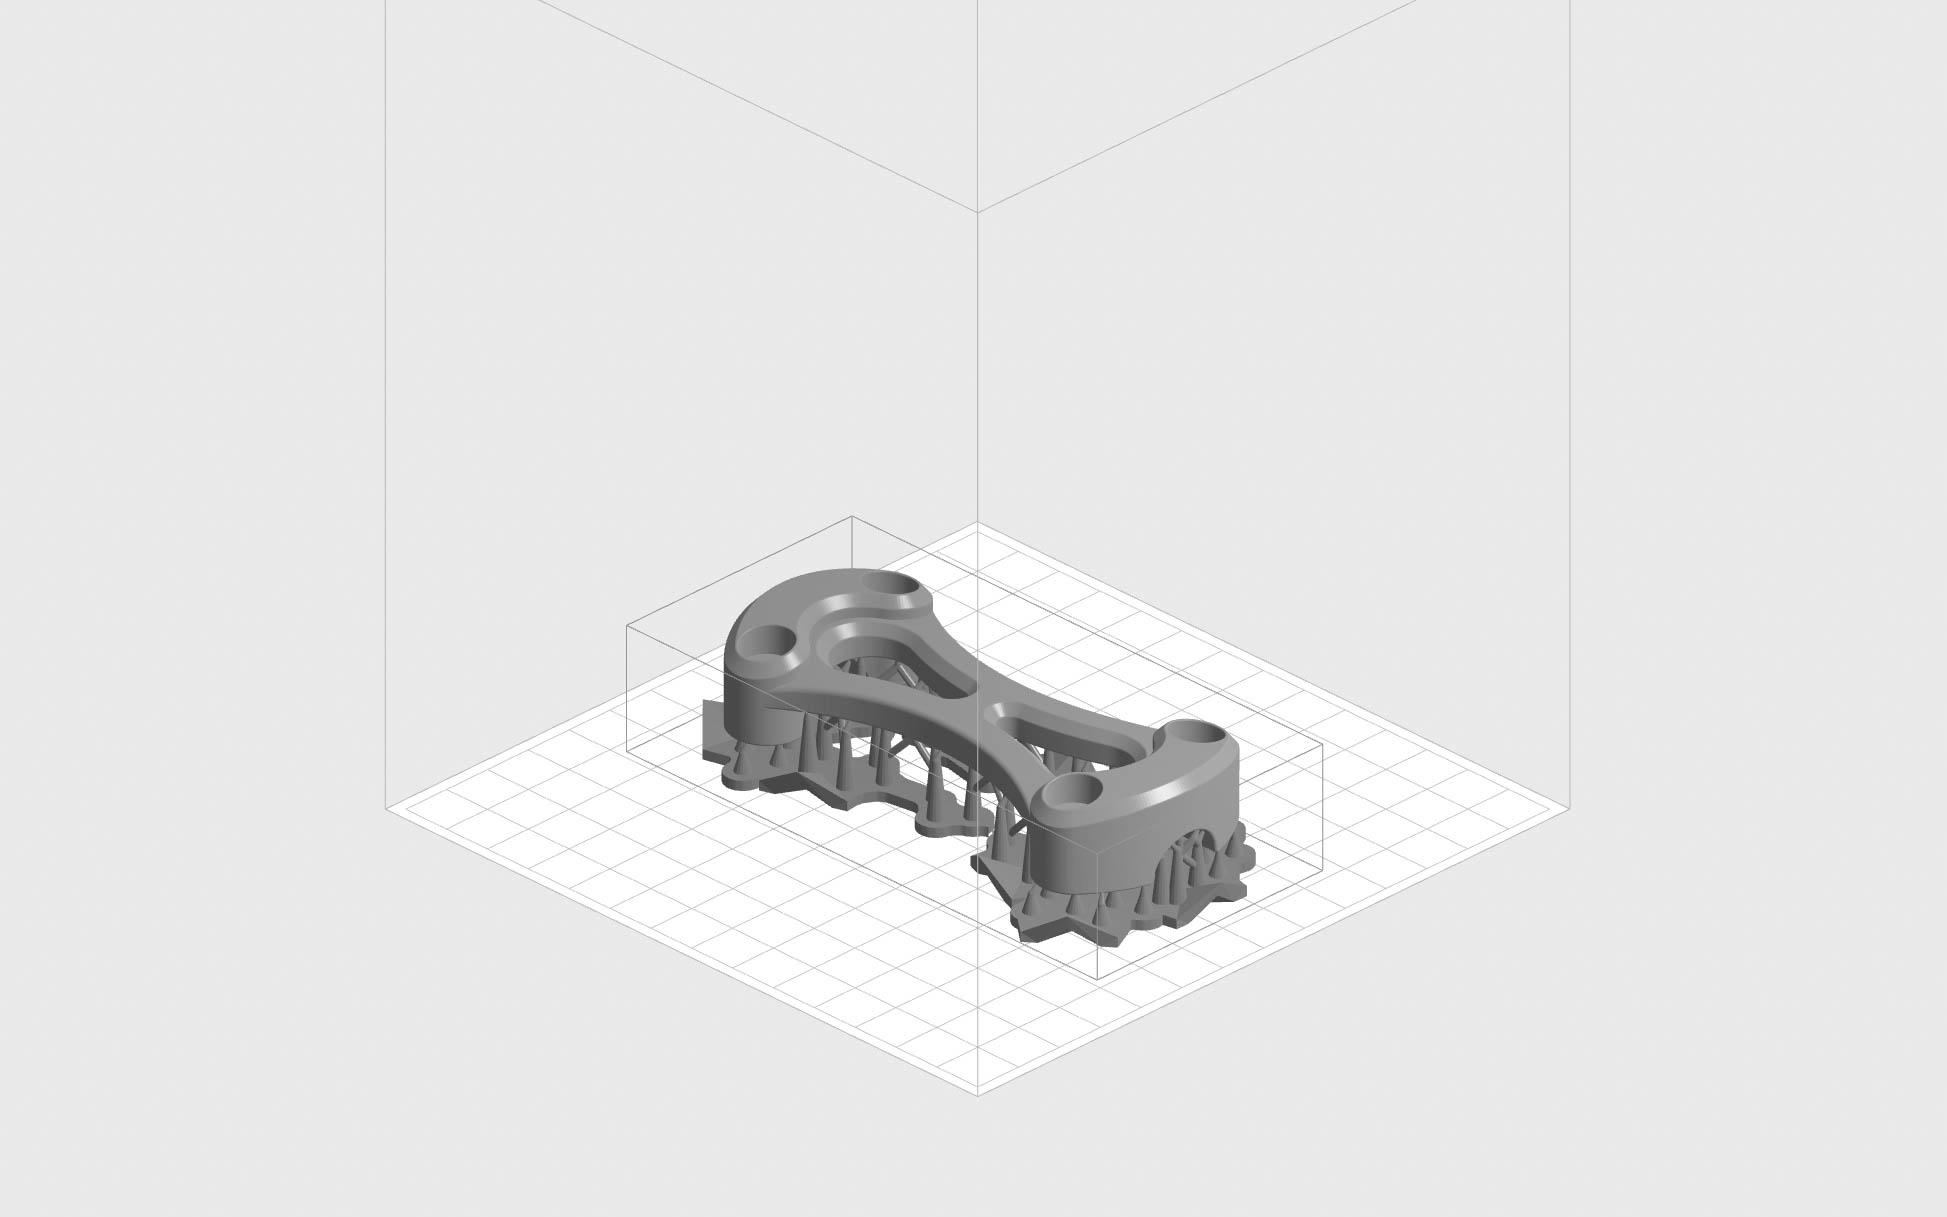 جهت گیری قطعه برای پرینت سه بعدی با یک پرینتر SLA بالا به پایین (Top-Down)